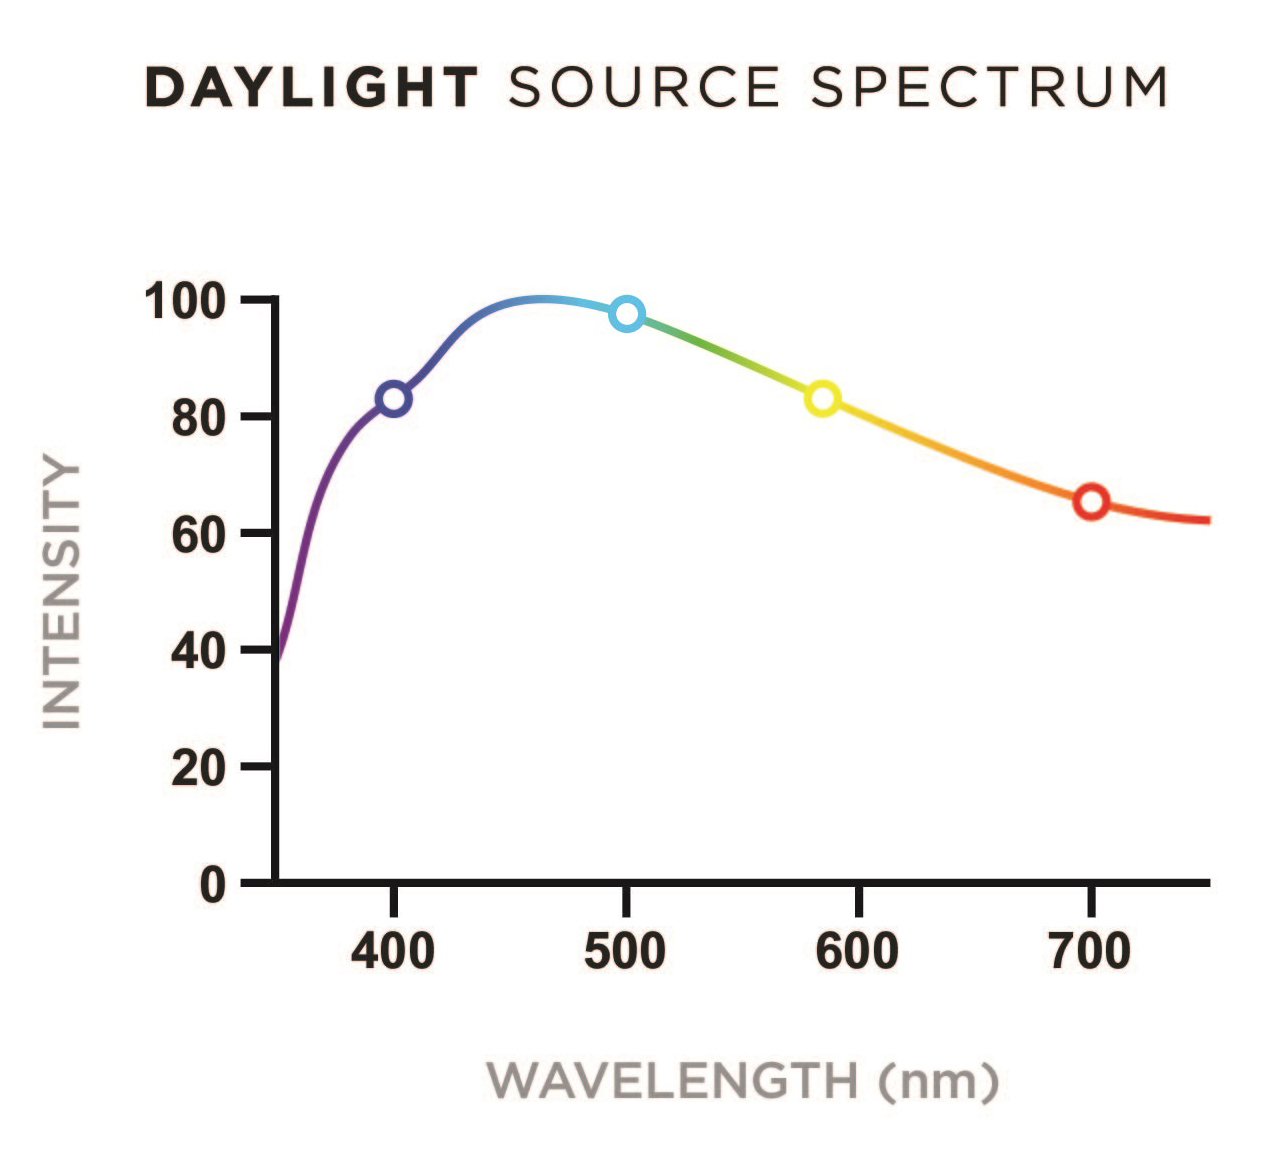 Daylight source spectra